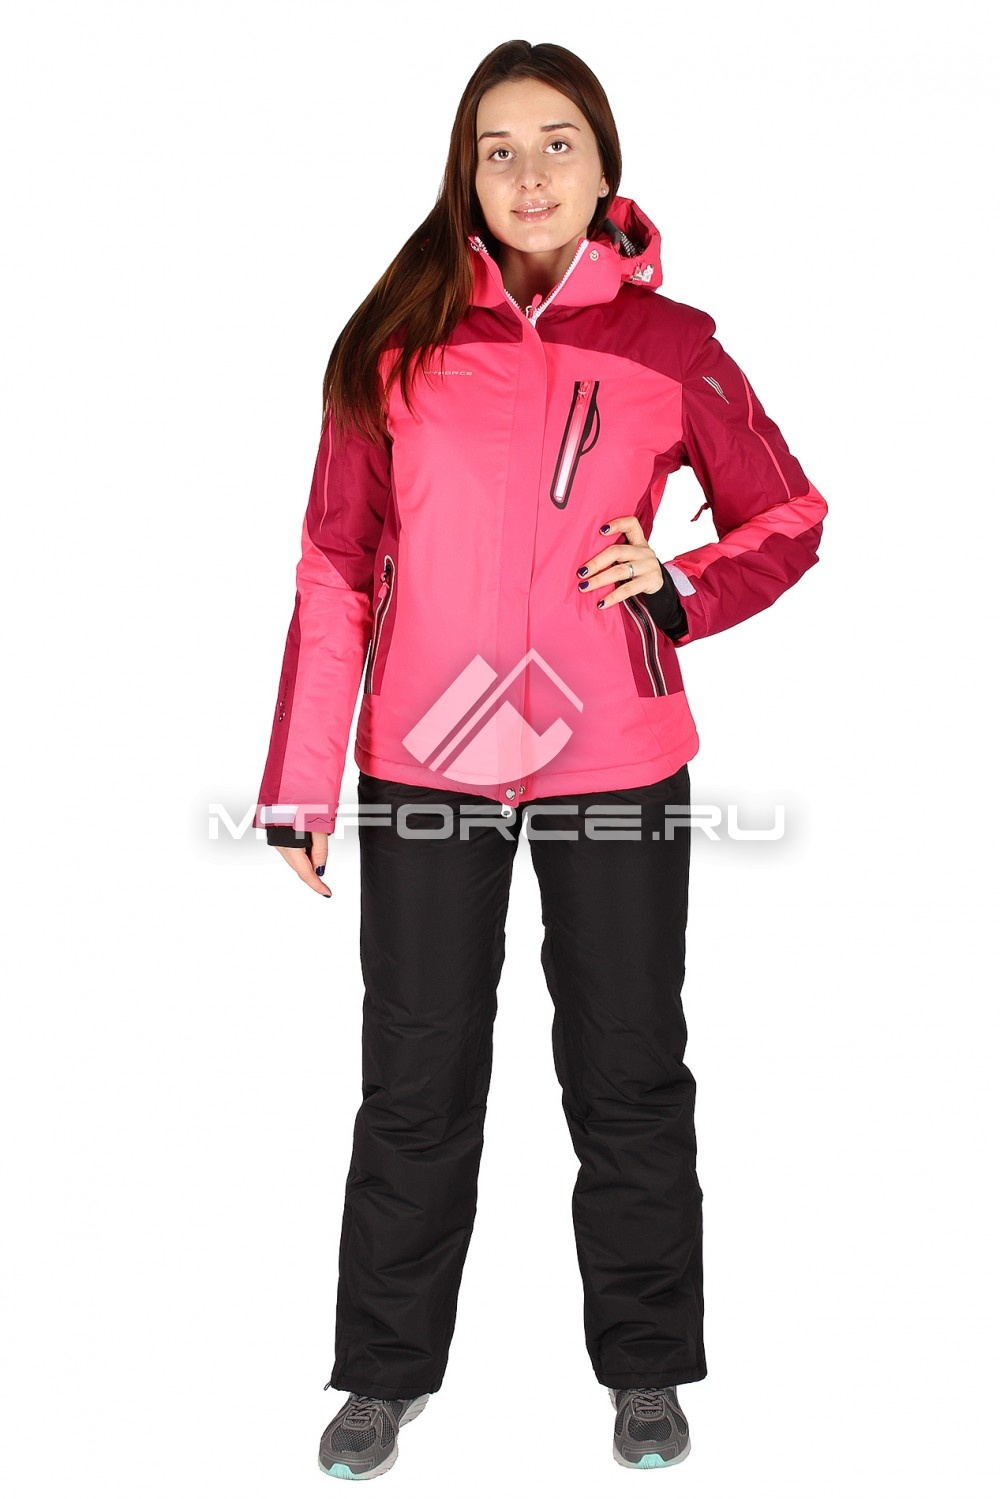 Купить                                  оптом Костюм горнолыжный женский розового цвета 01529R в Санкт-Петербурге